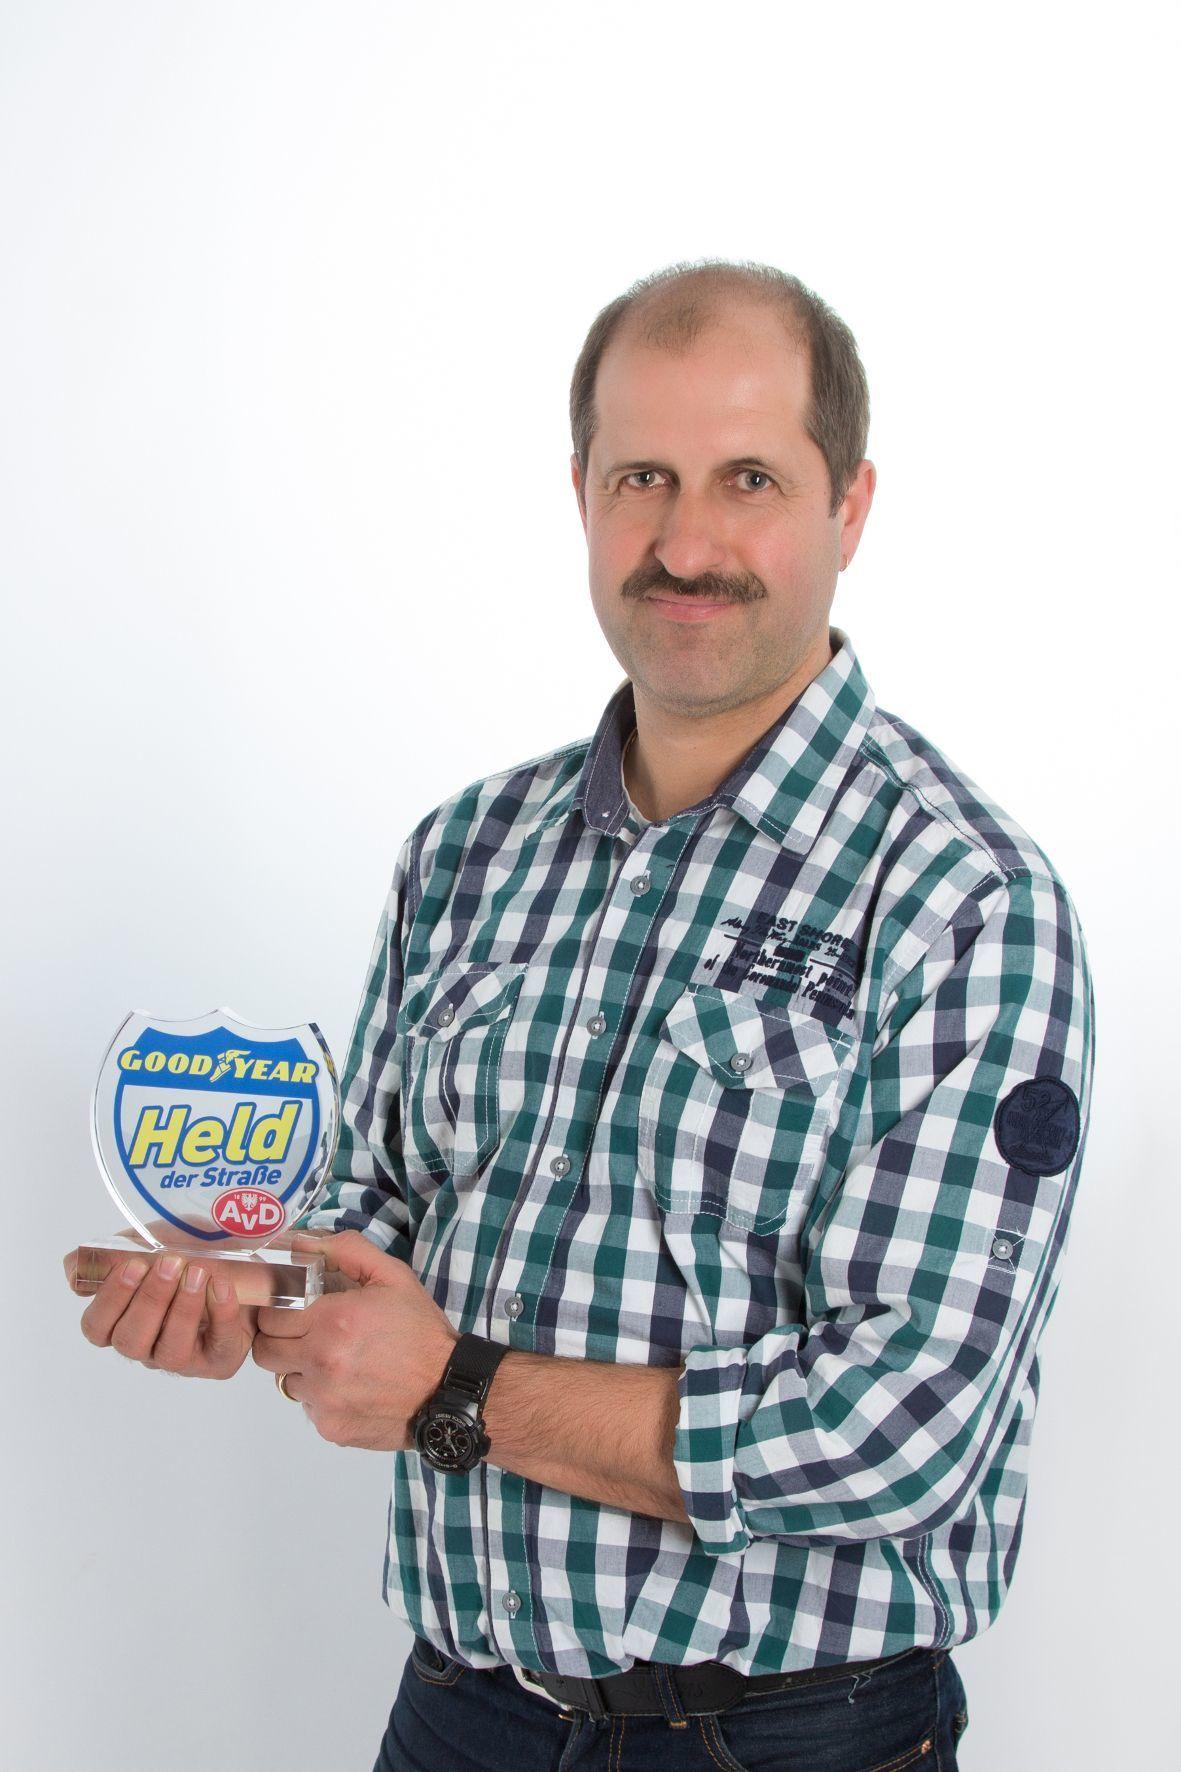 mid Groß-Gerau - Jochen Marquardt hat eine Autofahrerin nach einem Unfall aus ihrem brennenden Wagen gerettet und erhält dafür die Auszeichnung Held der Straße im Monat Februar.